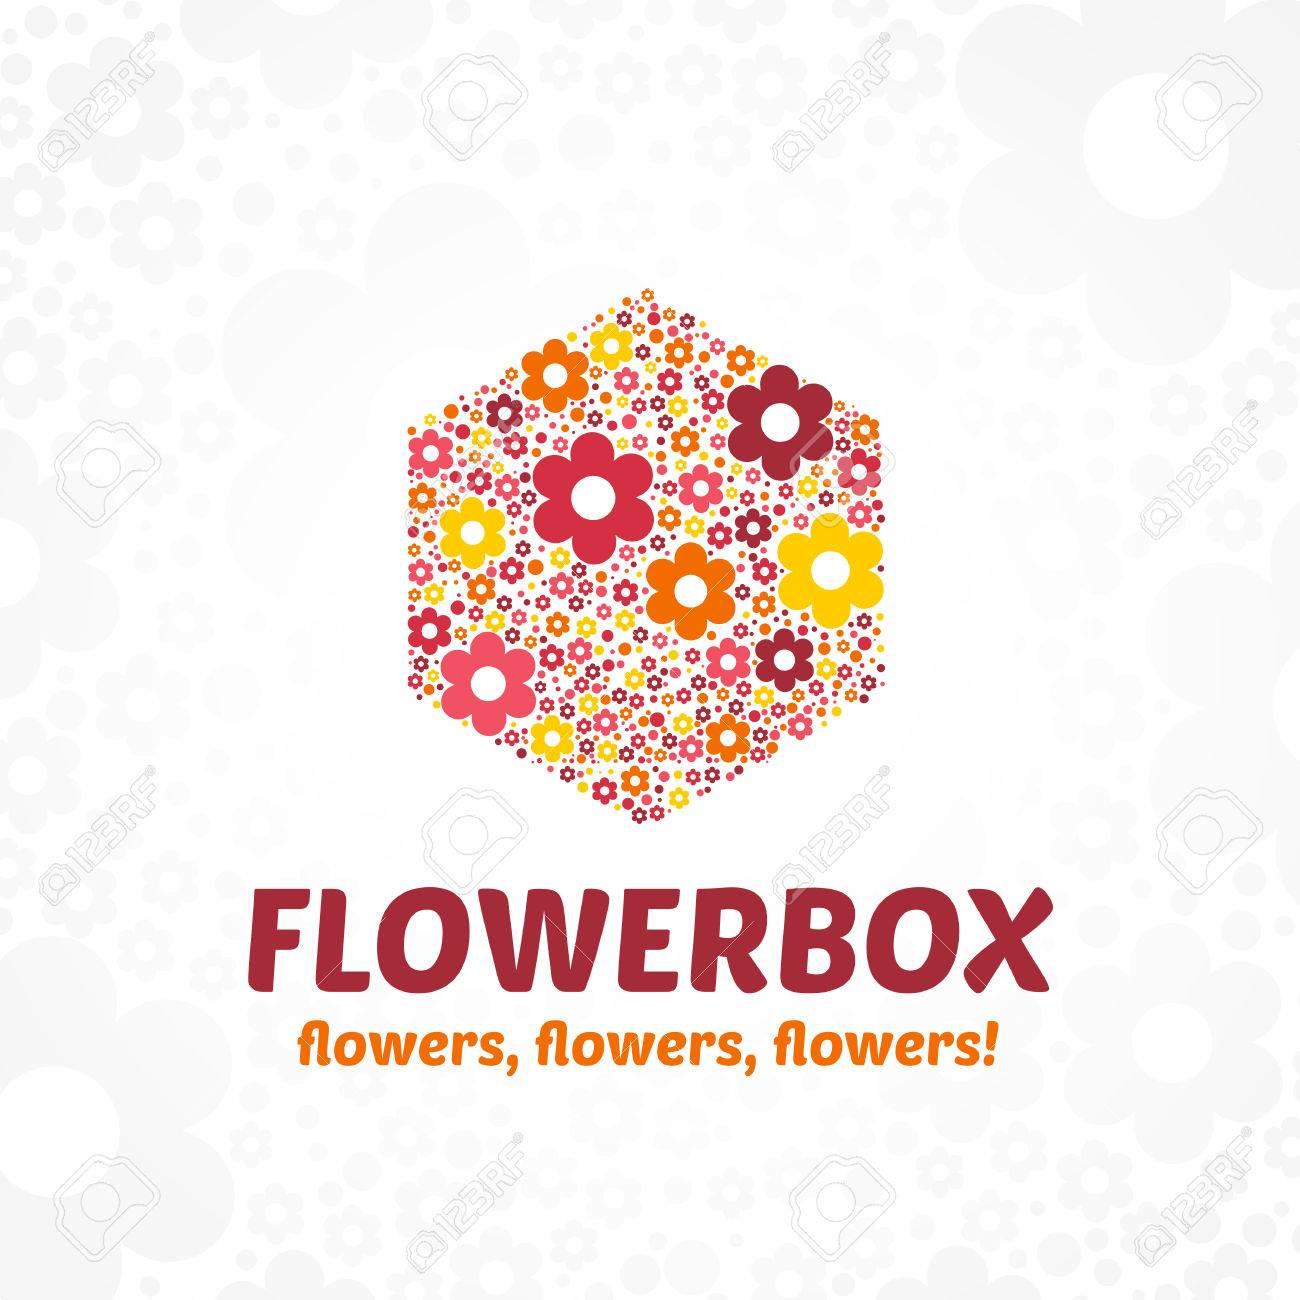 Plantilla De Logotipo Para Una Tienda De Flores, Un Salón De Belleza ...